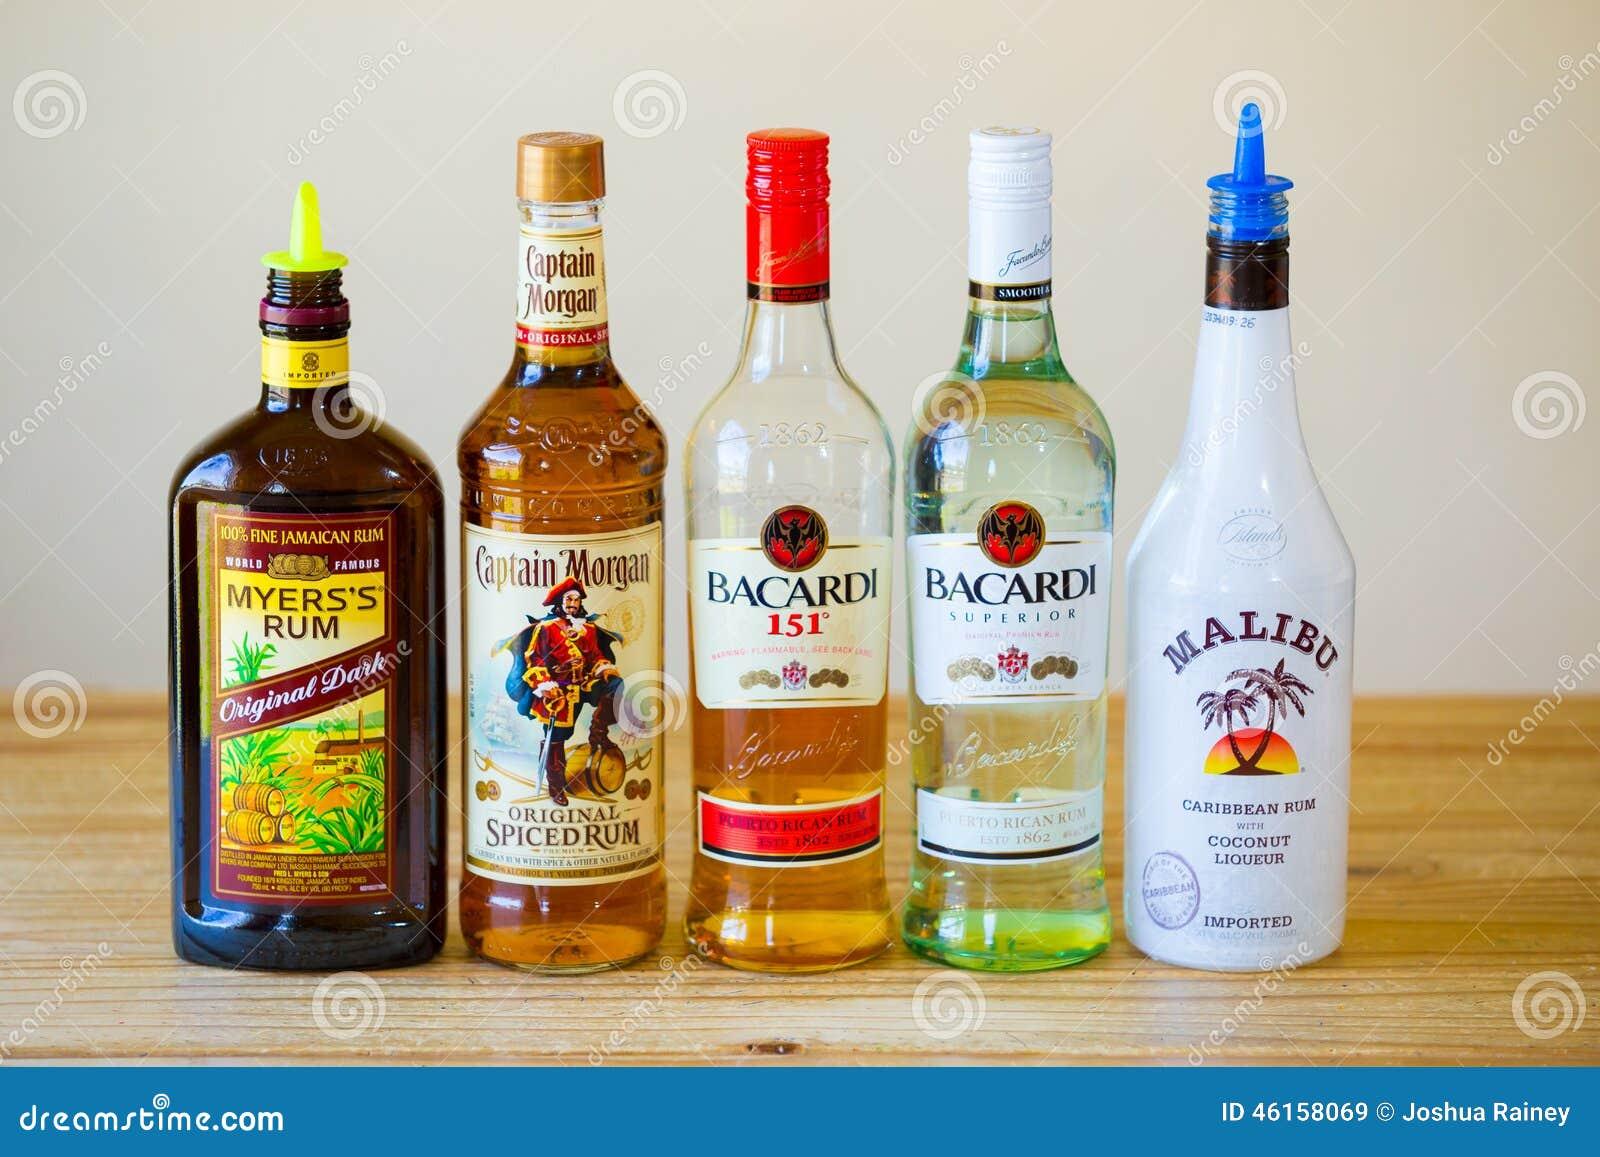 151 bacardi rum and kush - 2 1